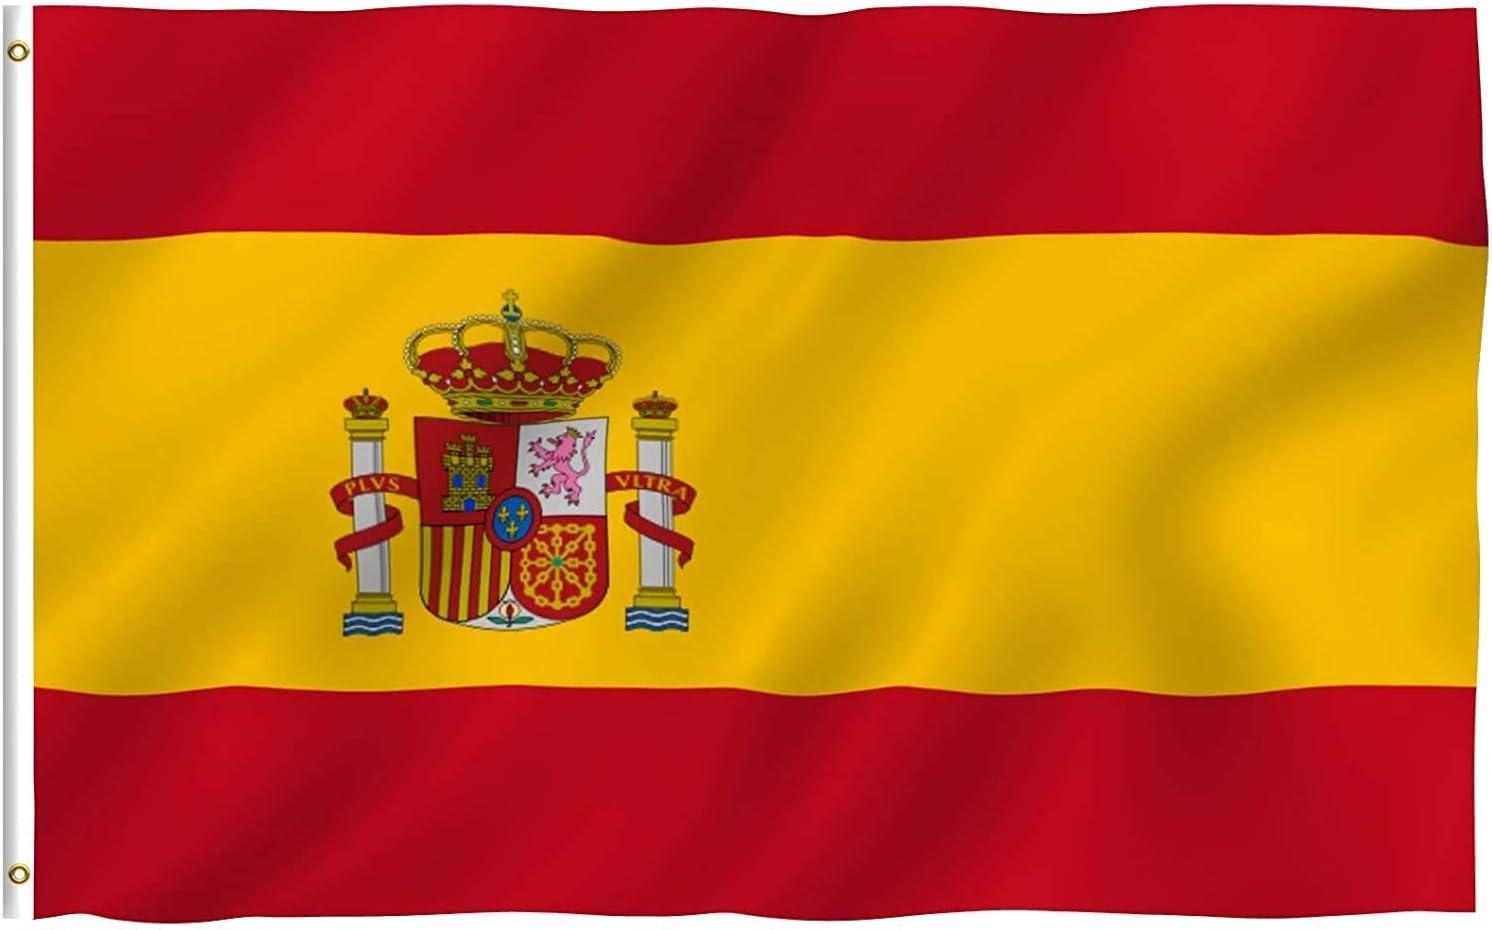 PK KINPARTY ® Bandera España Grande 90 x 150 cm, Ideal para Jardines y Celebraciones, Interiores y Exteriores: Amazon.es: Jardín